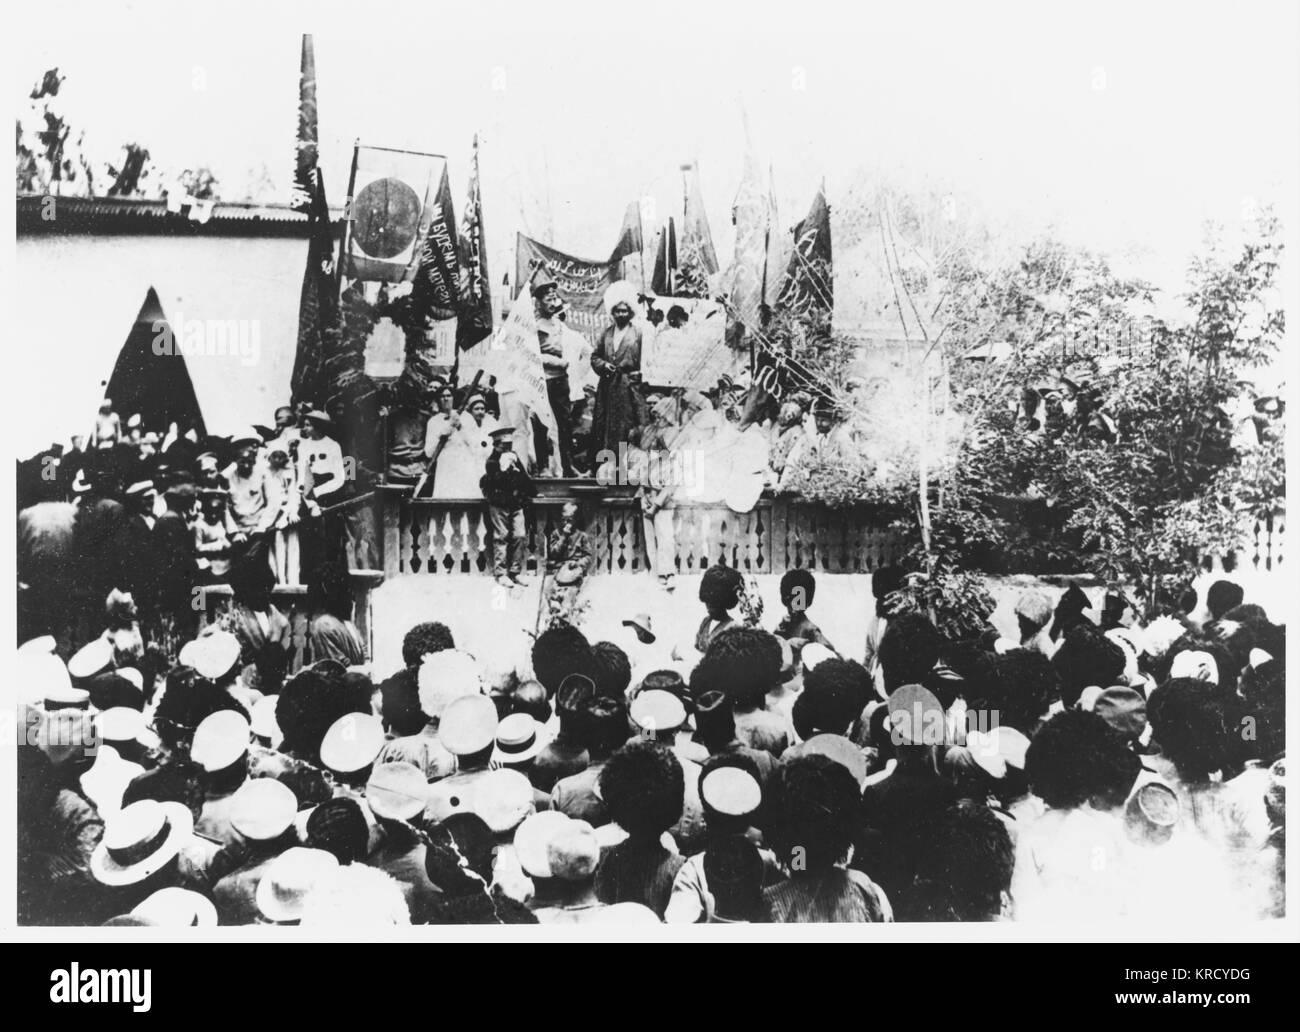 The residents of Turkmenia  demonstrate in favour of the  Bolshevik revolution.        Date: September 1917 - Stock Image